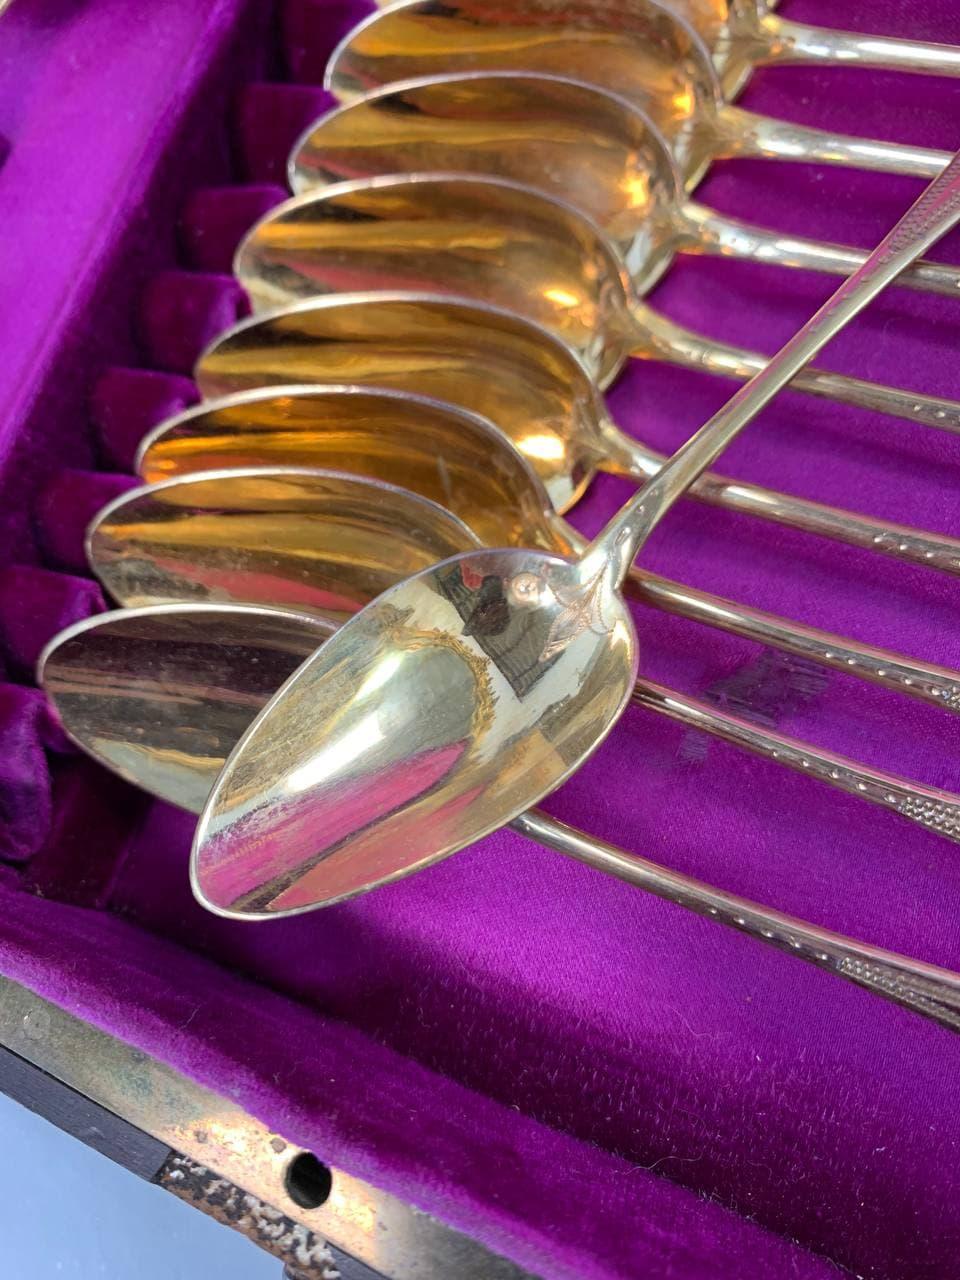 Антикварные чайные принадлежности из позолоченного серебра